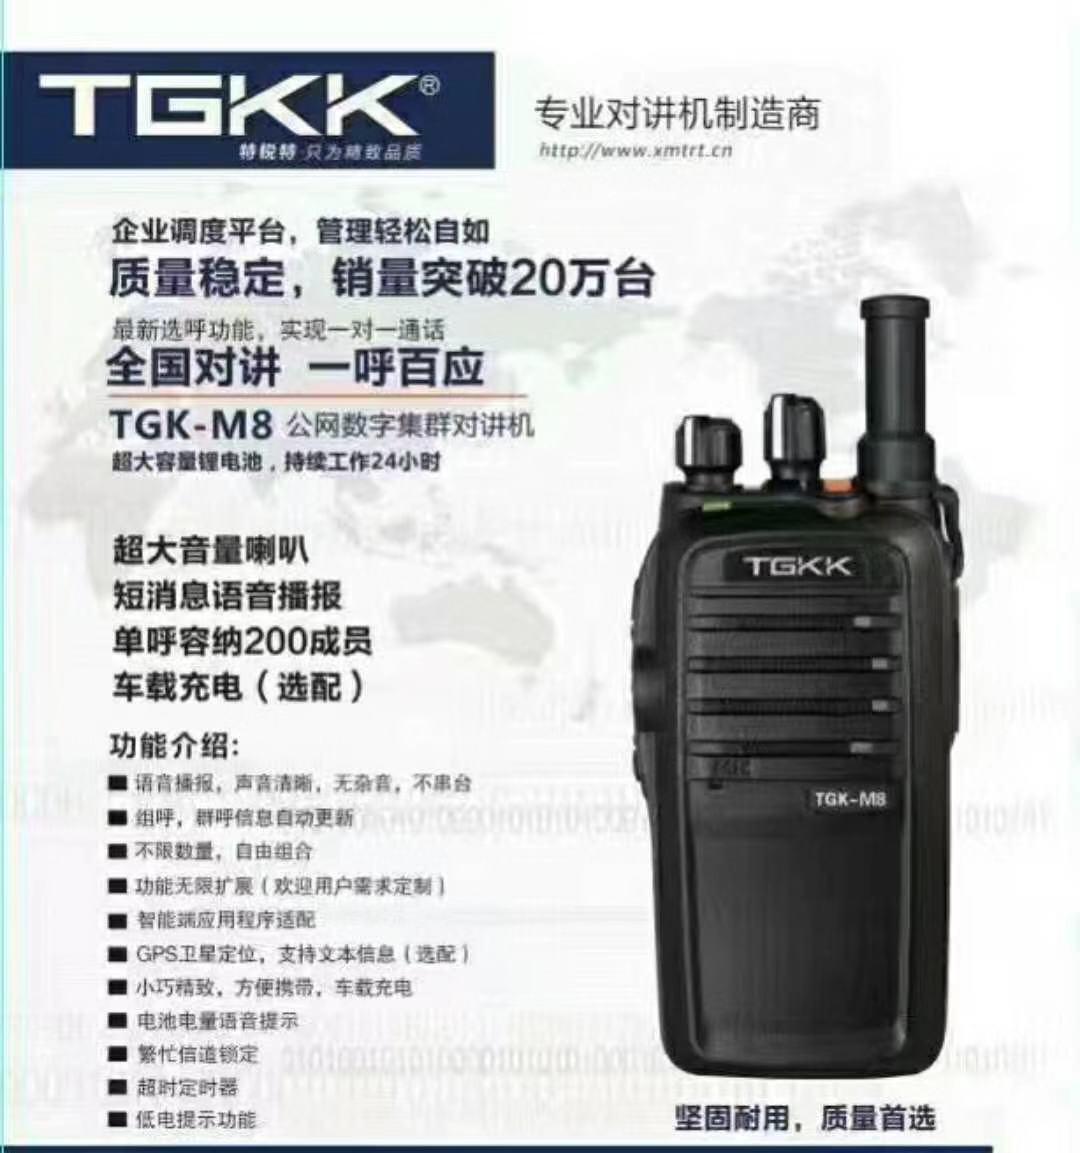 特锐特对讲机 TGKK-M8 3G插卡全国对讲机4500毫安待机3天